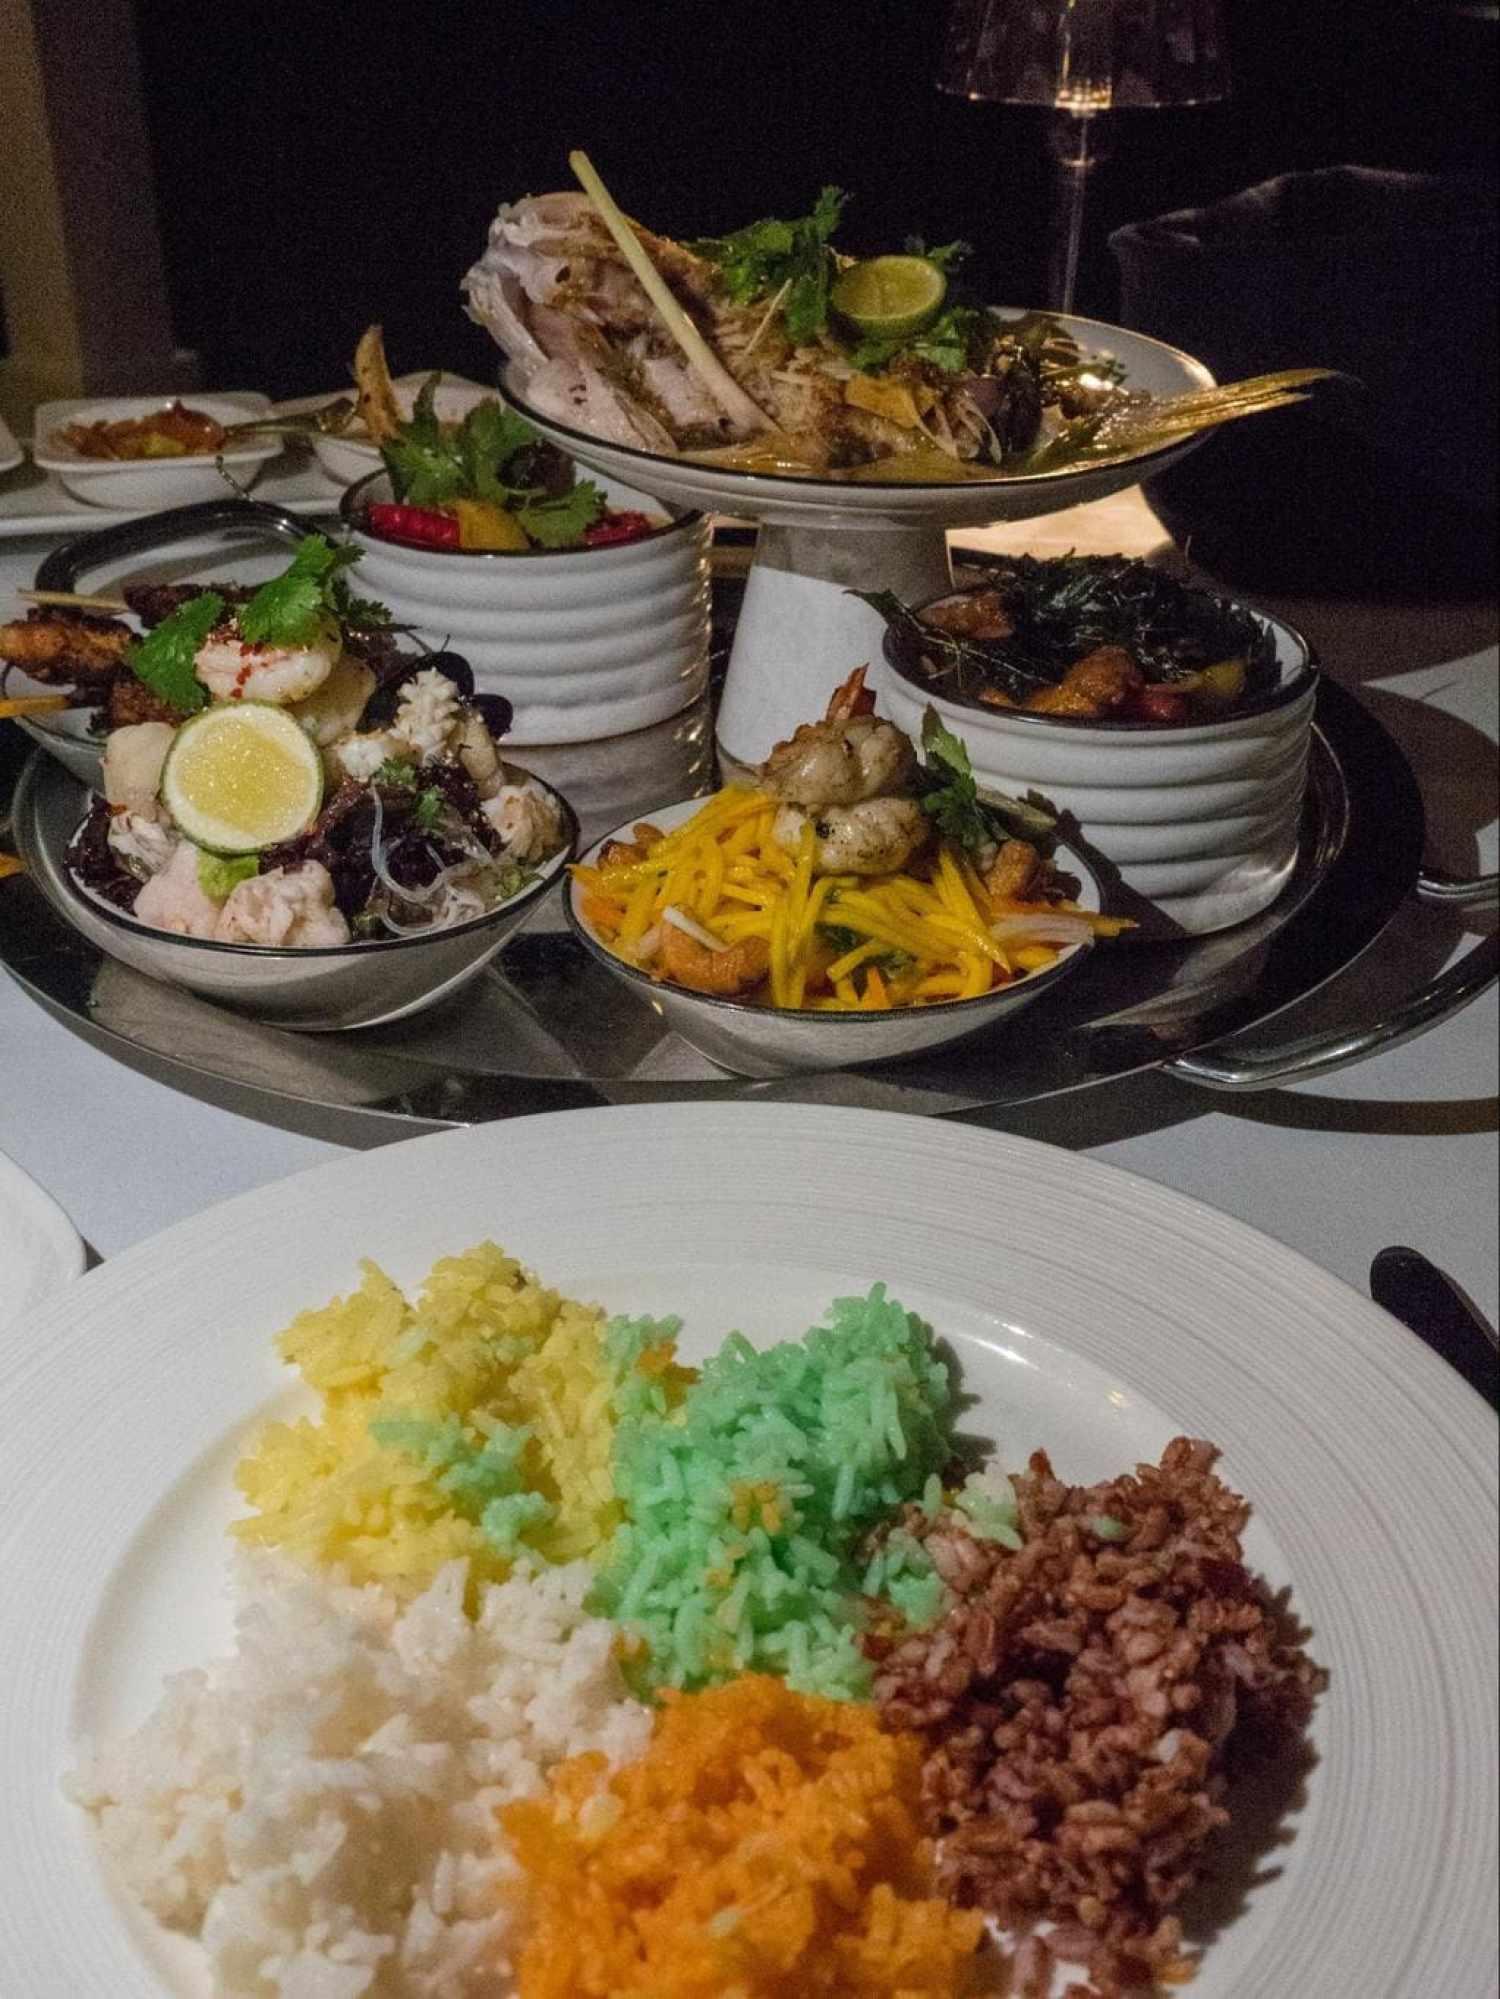 Thai sharing dinner at The Sanchaya